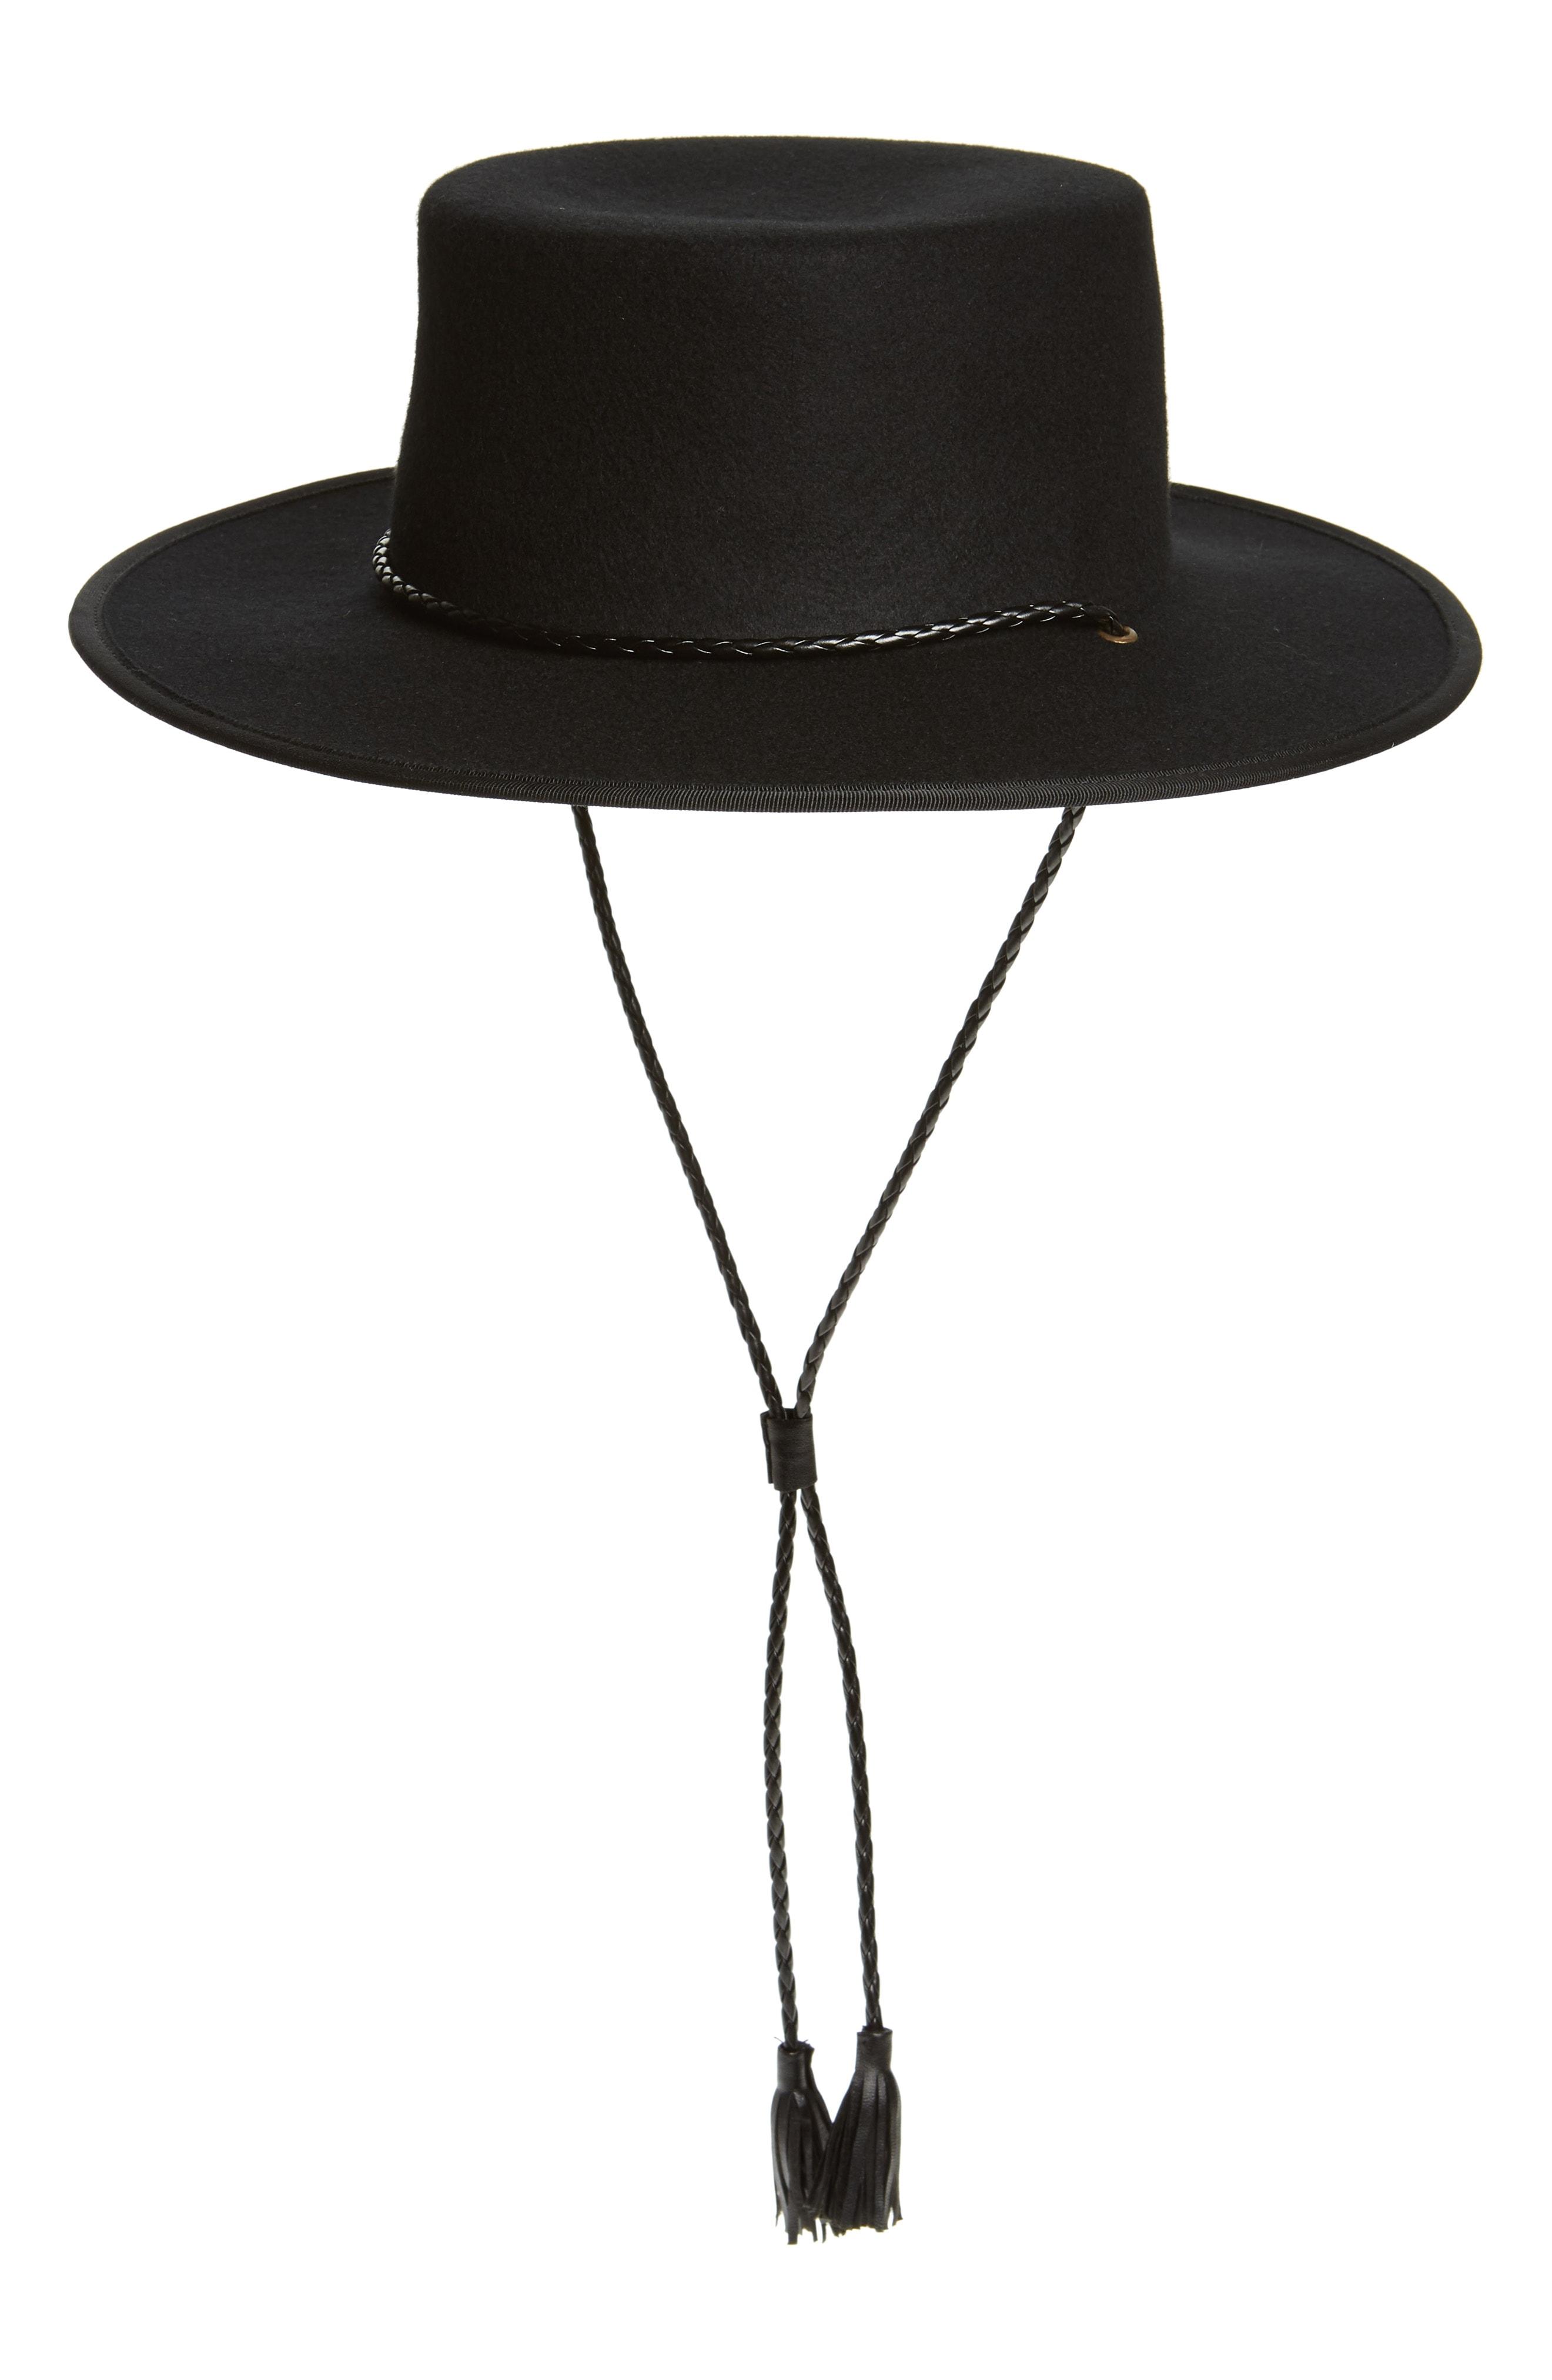 Madewell x Biltmore Felt Stampede Strap Hat